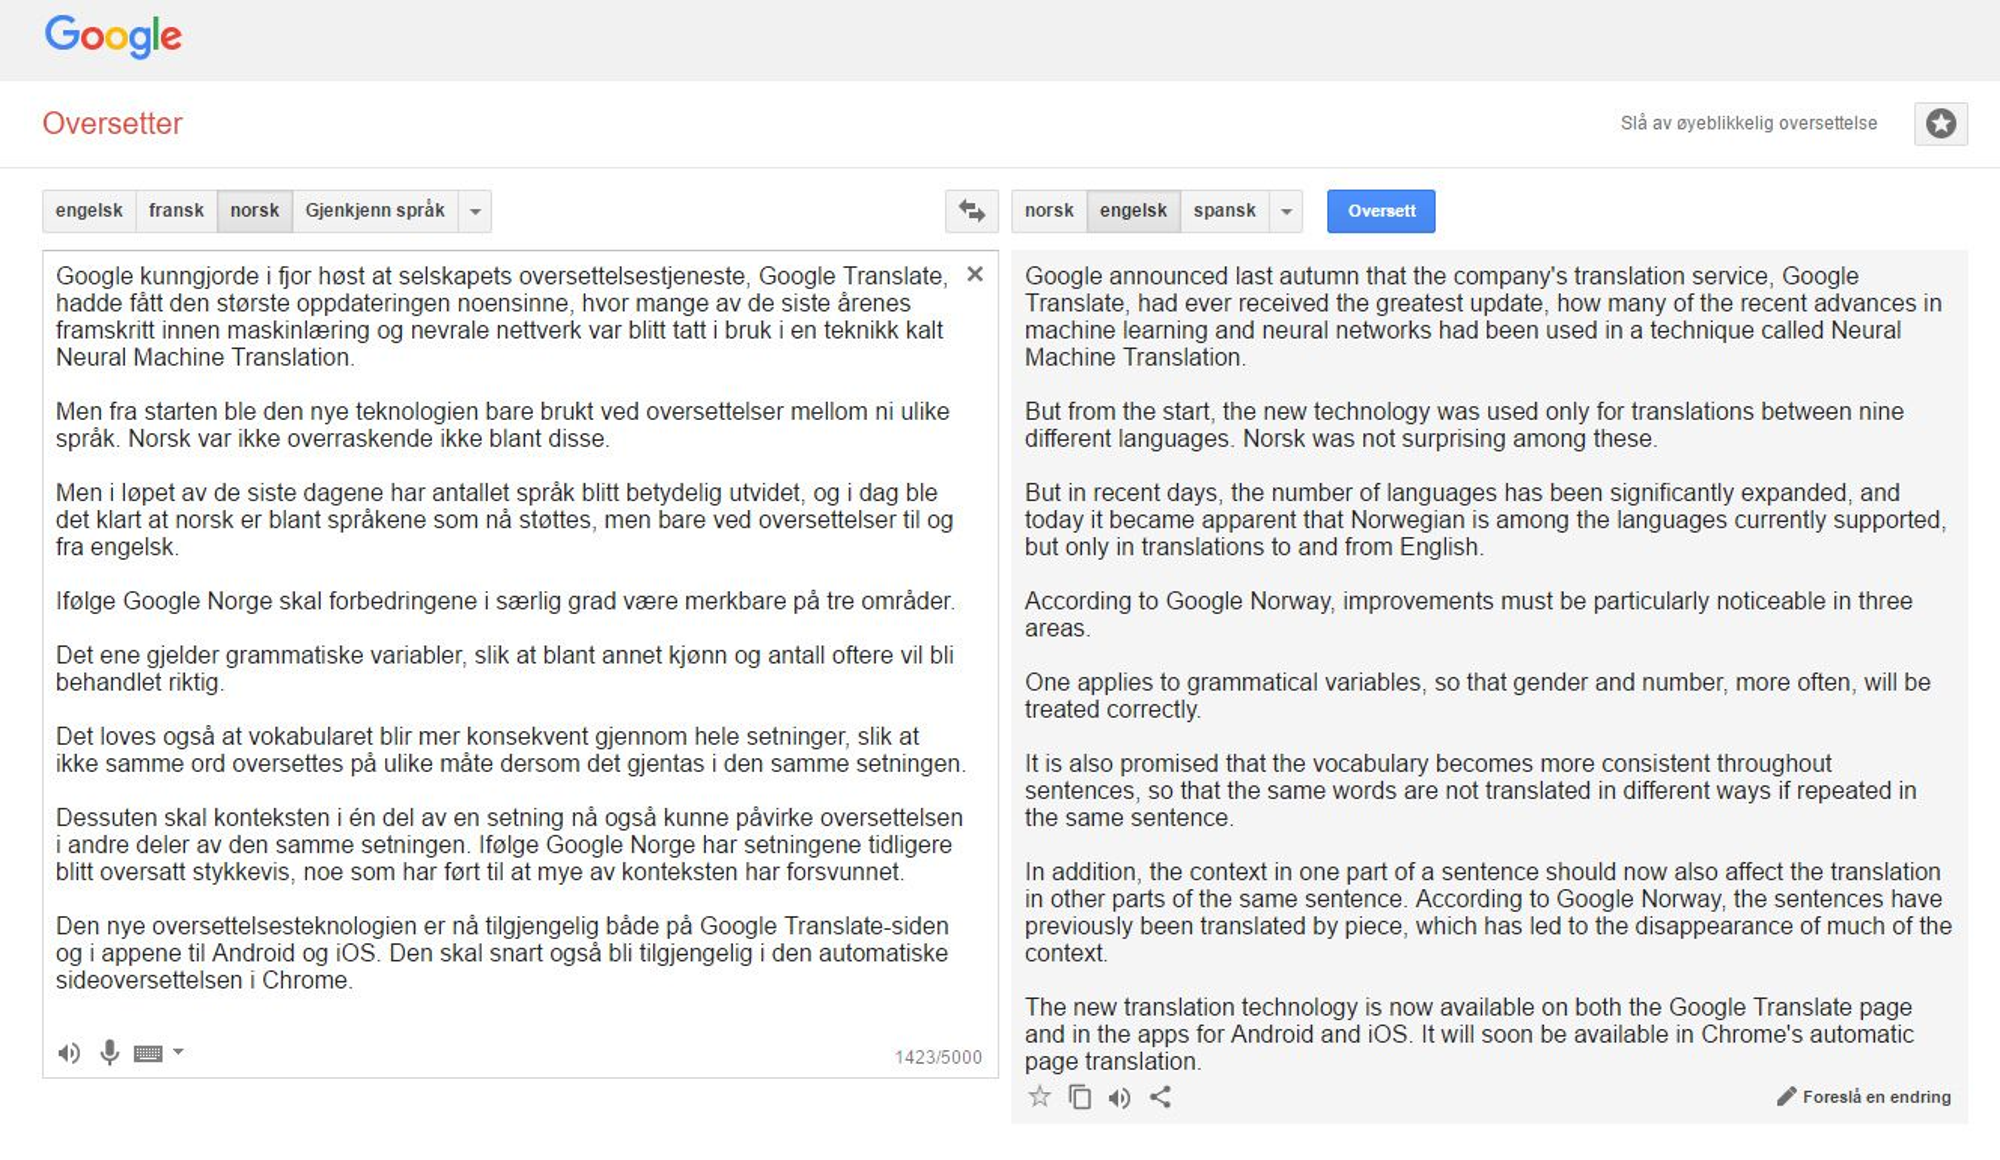 google oversetter med stemme